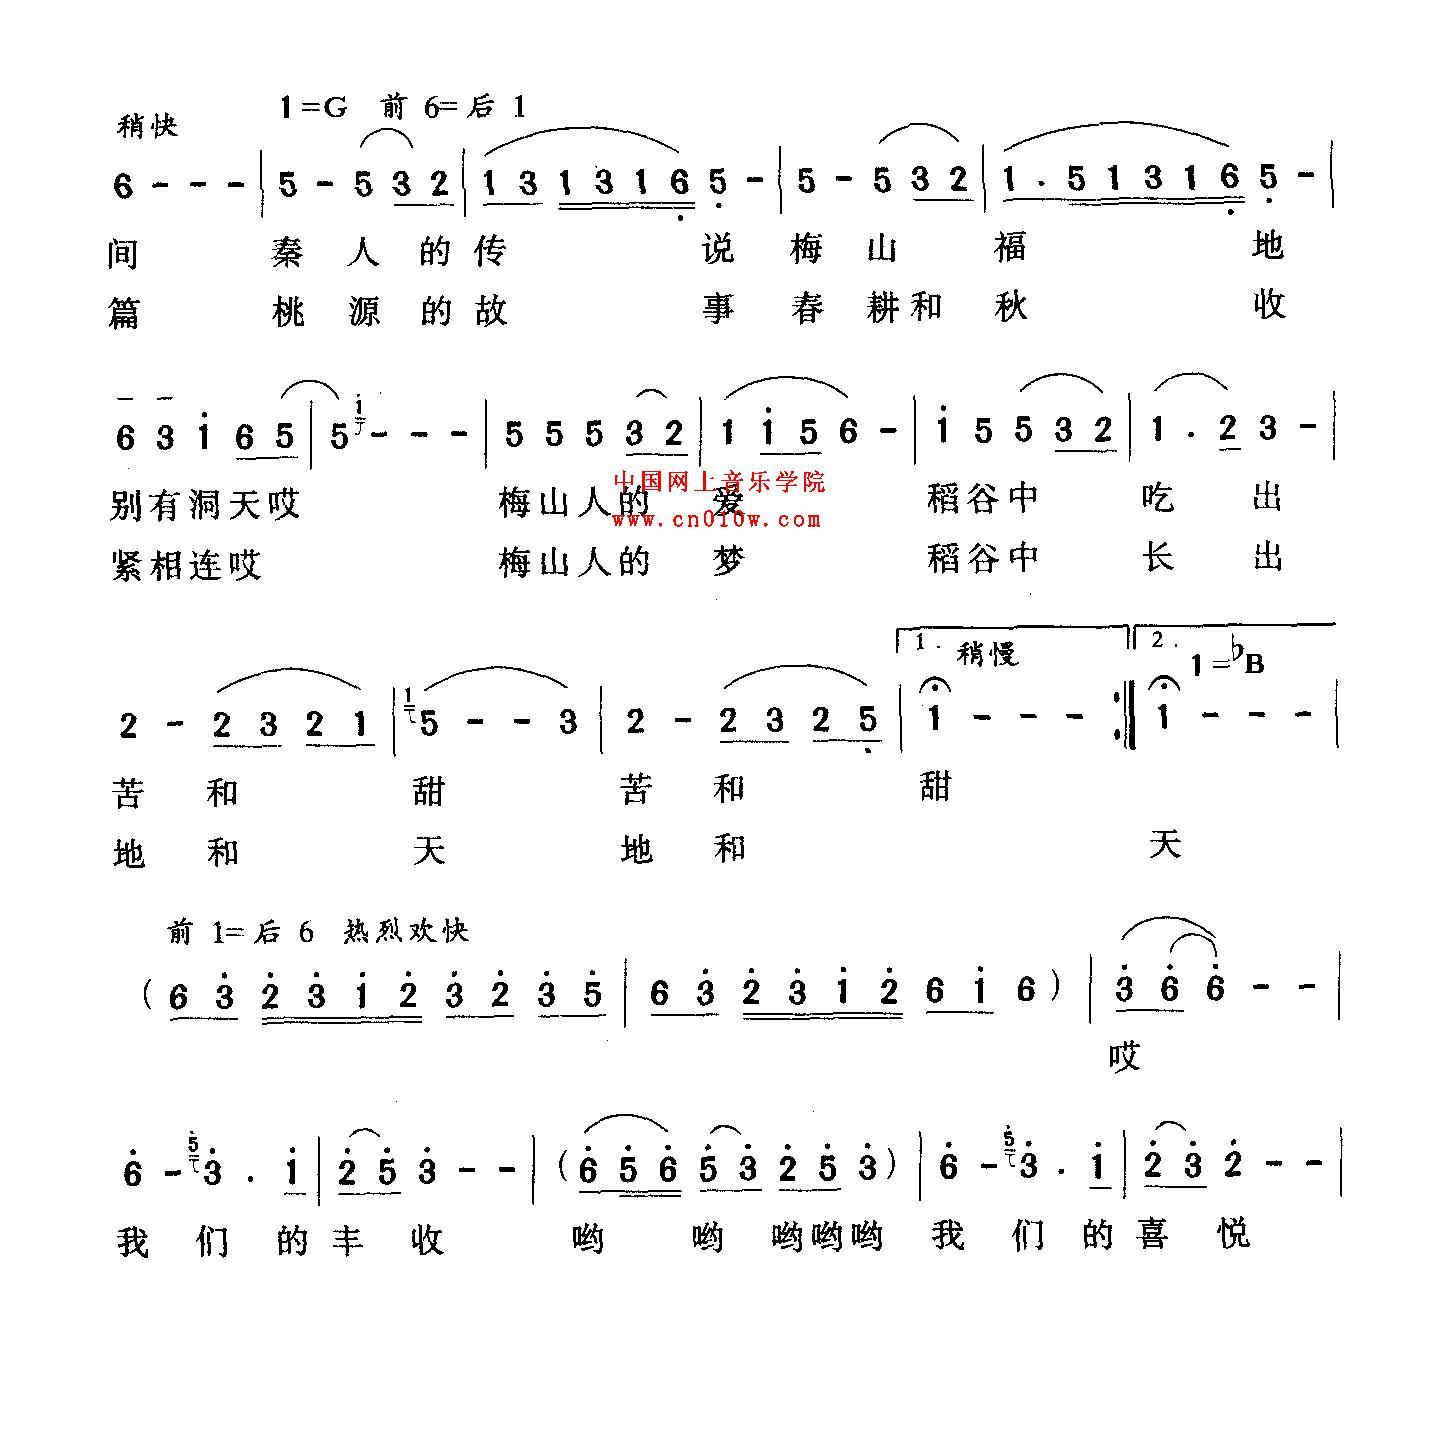 歌曲紫歌词歌谱-民歌曲谱 紫鹊界的梯田02